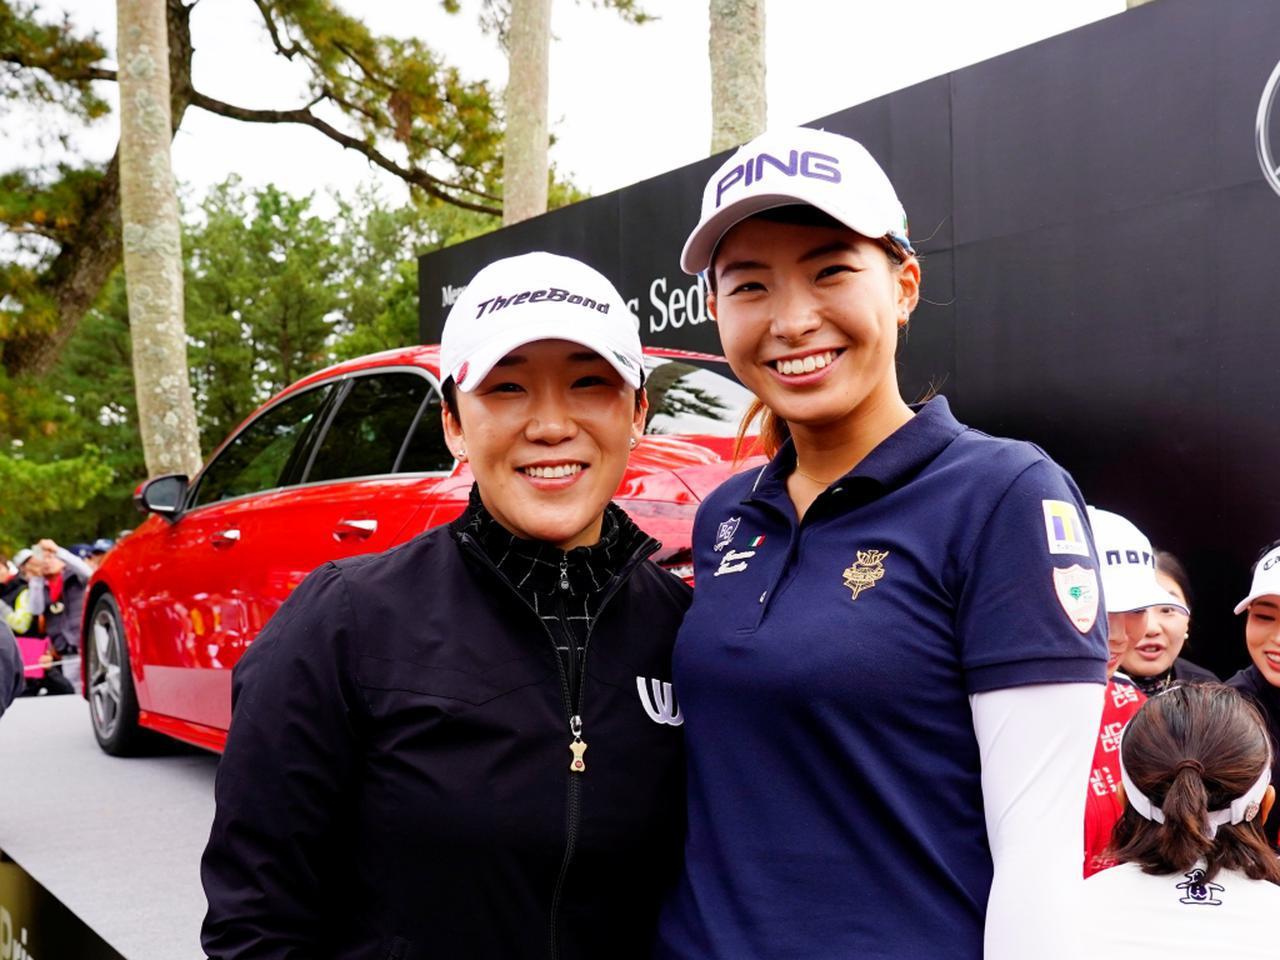 画像: 賞金女王争いには敗れたものの、シン・ジエ選手はツアー史上初の平均ストローク60台の偉業達成